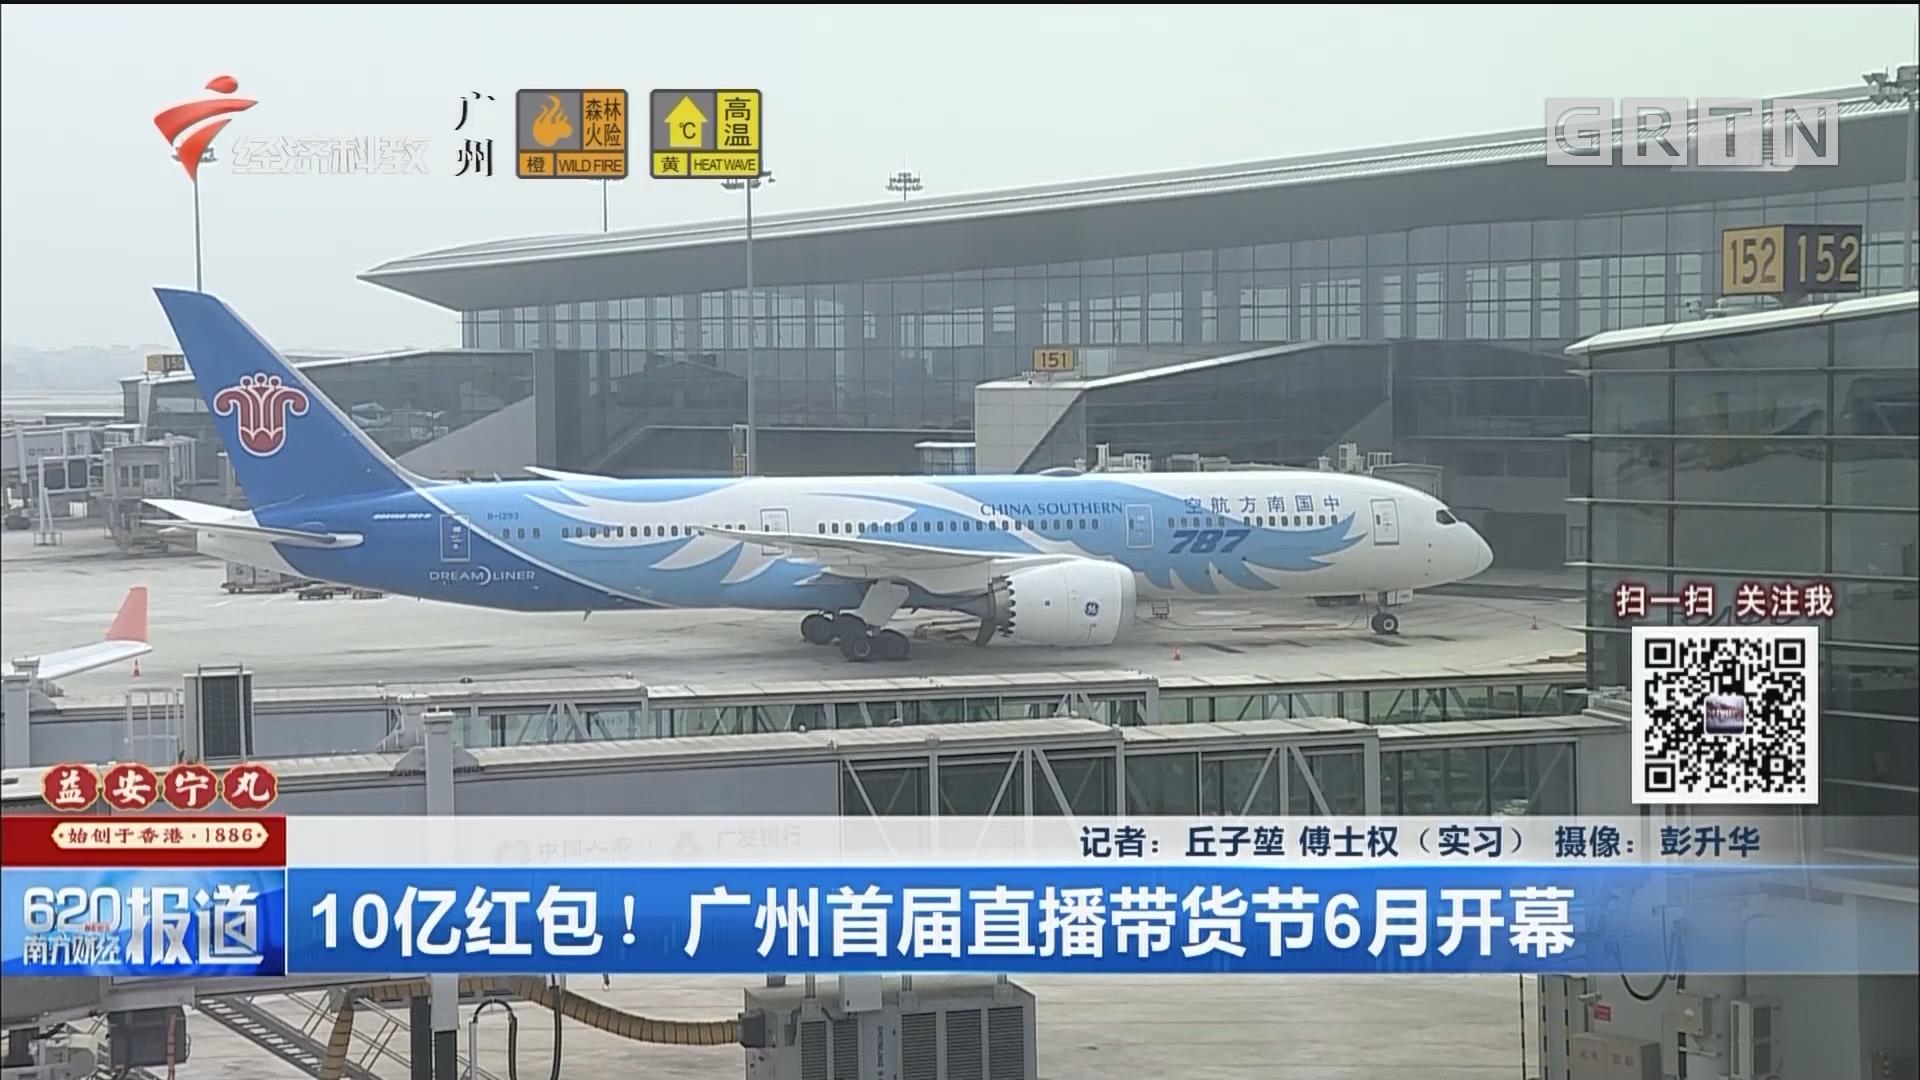 10億紅包!廣州首屆直播帶貨節6月開幕